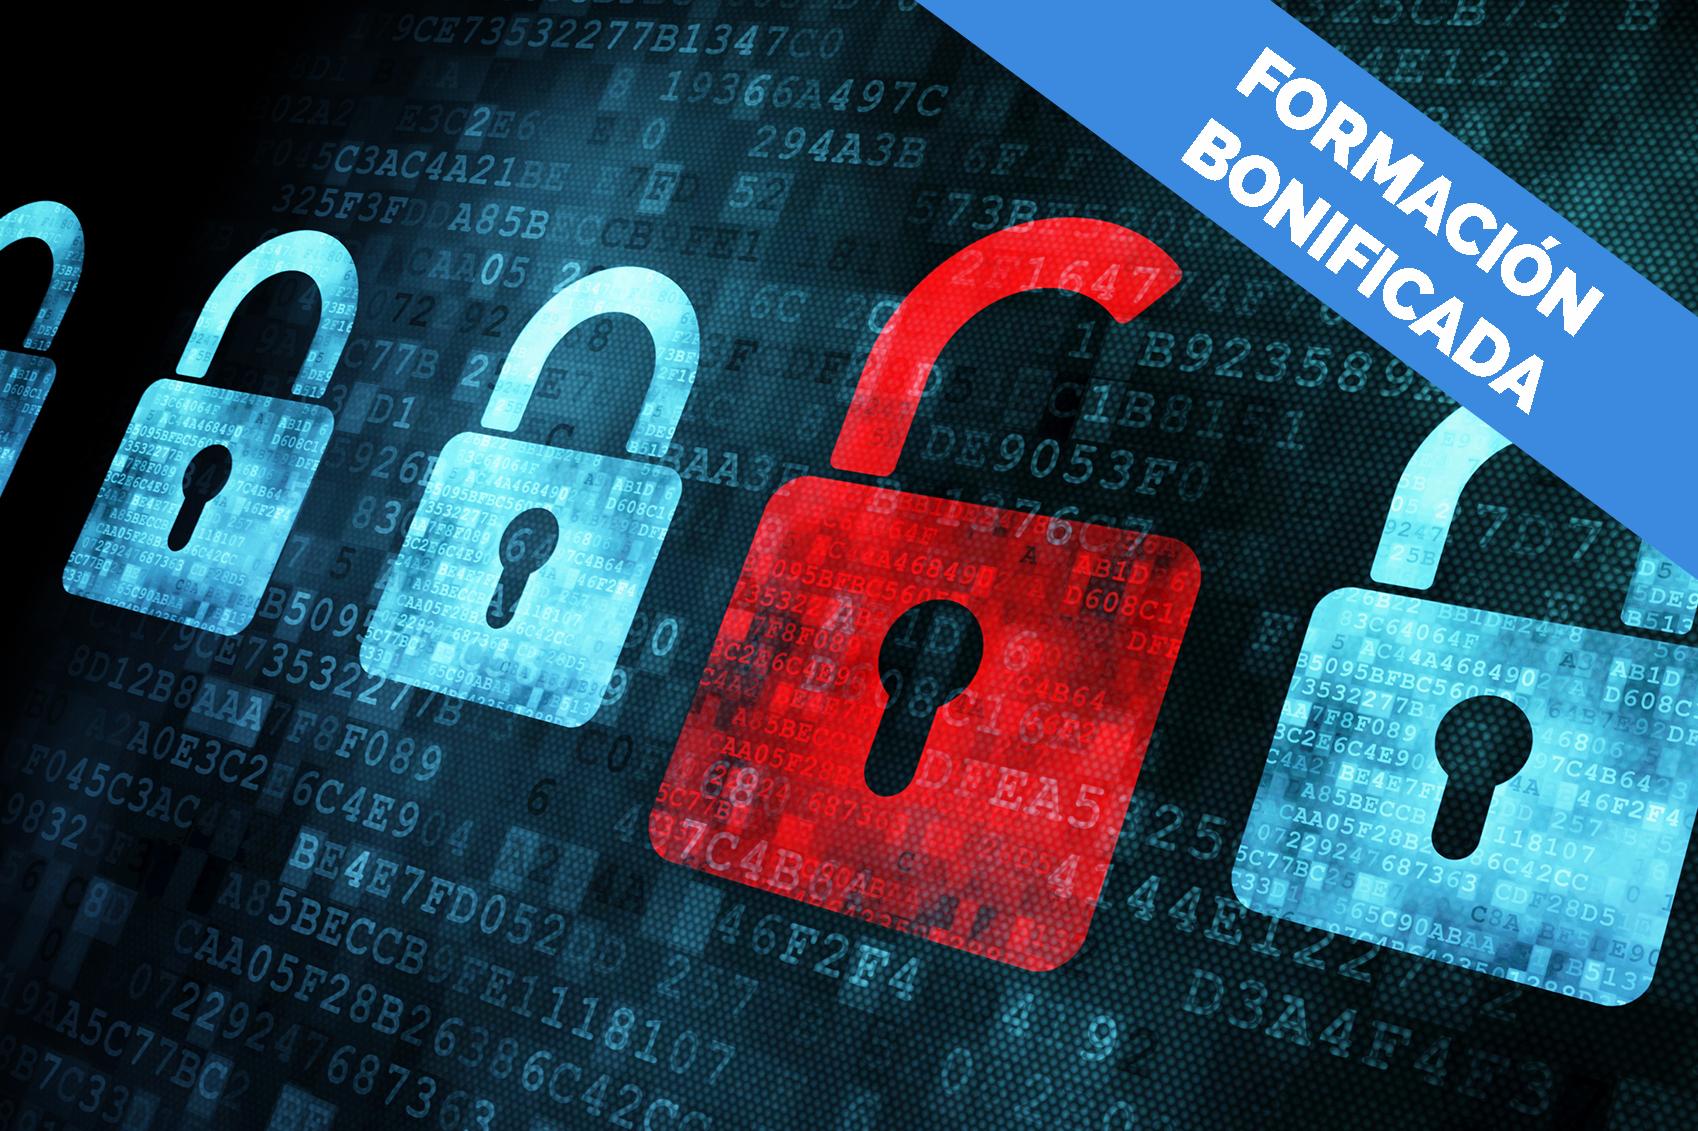 Ciber Riesgos y Seguros (FB)